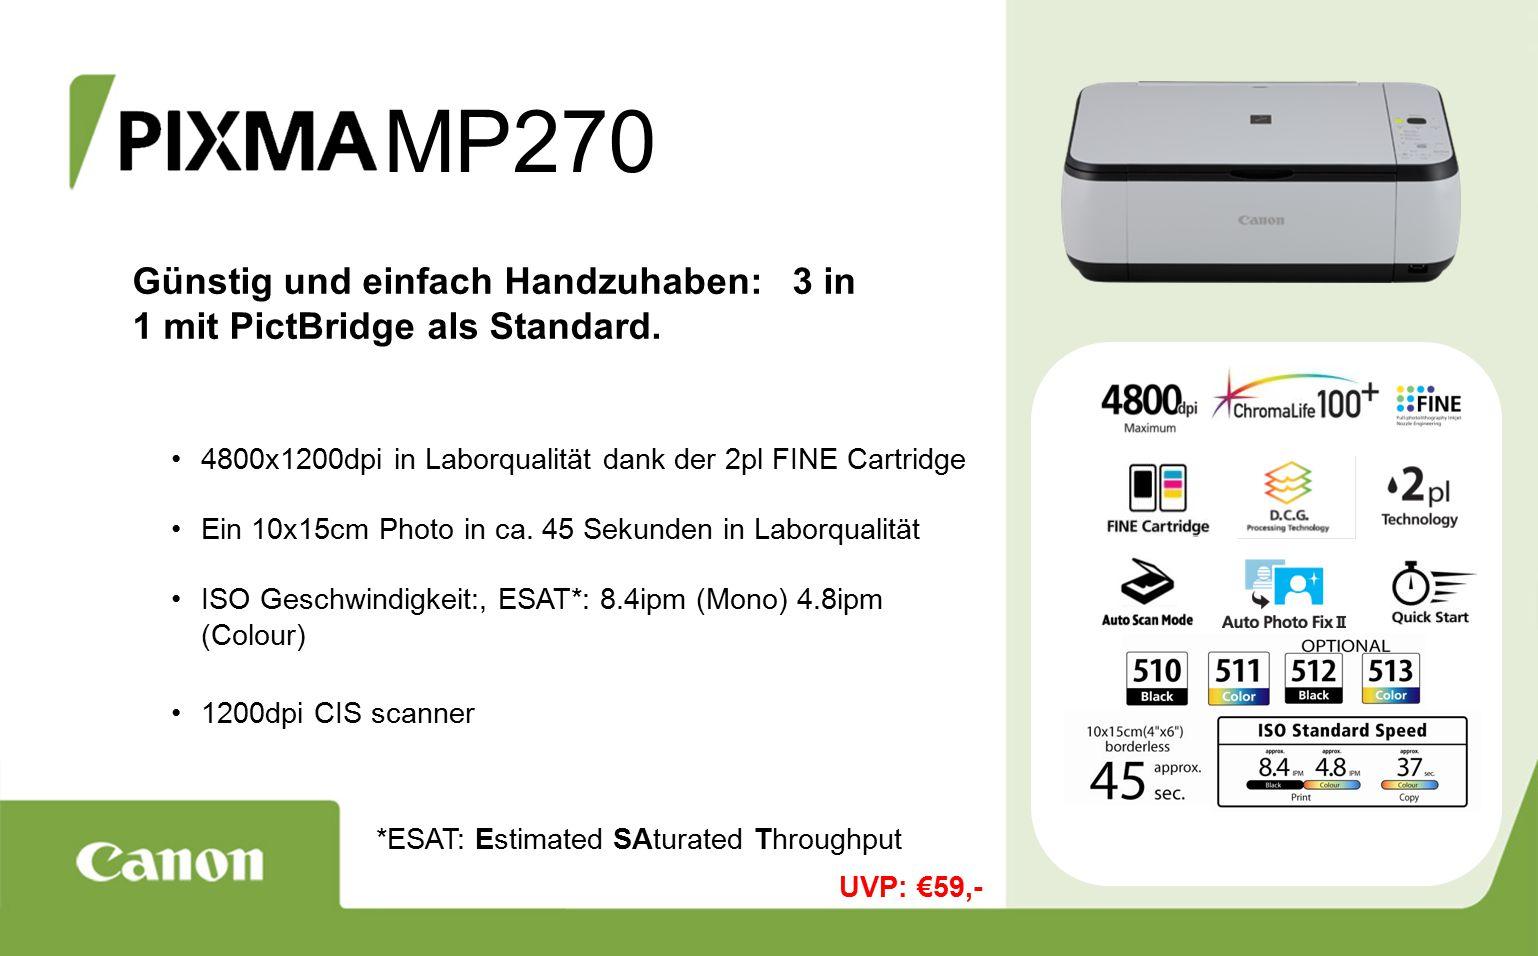 MP270 Günstig und einfach Handzuhaben: 3 in 1 mit PictBridge als Standard.